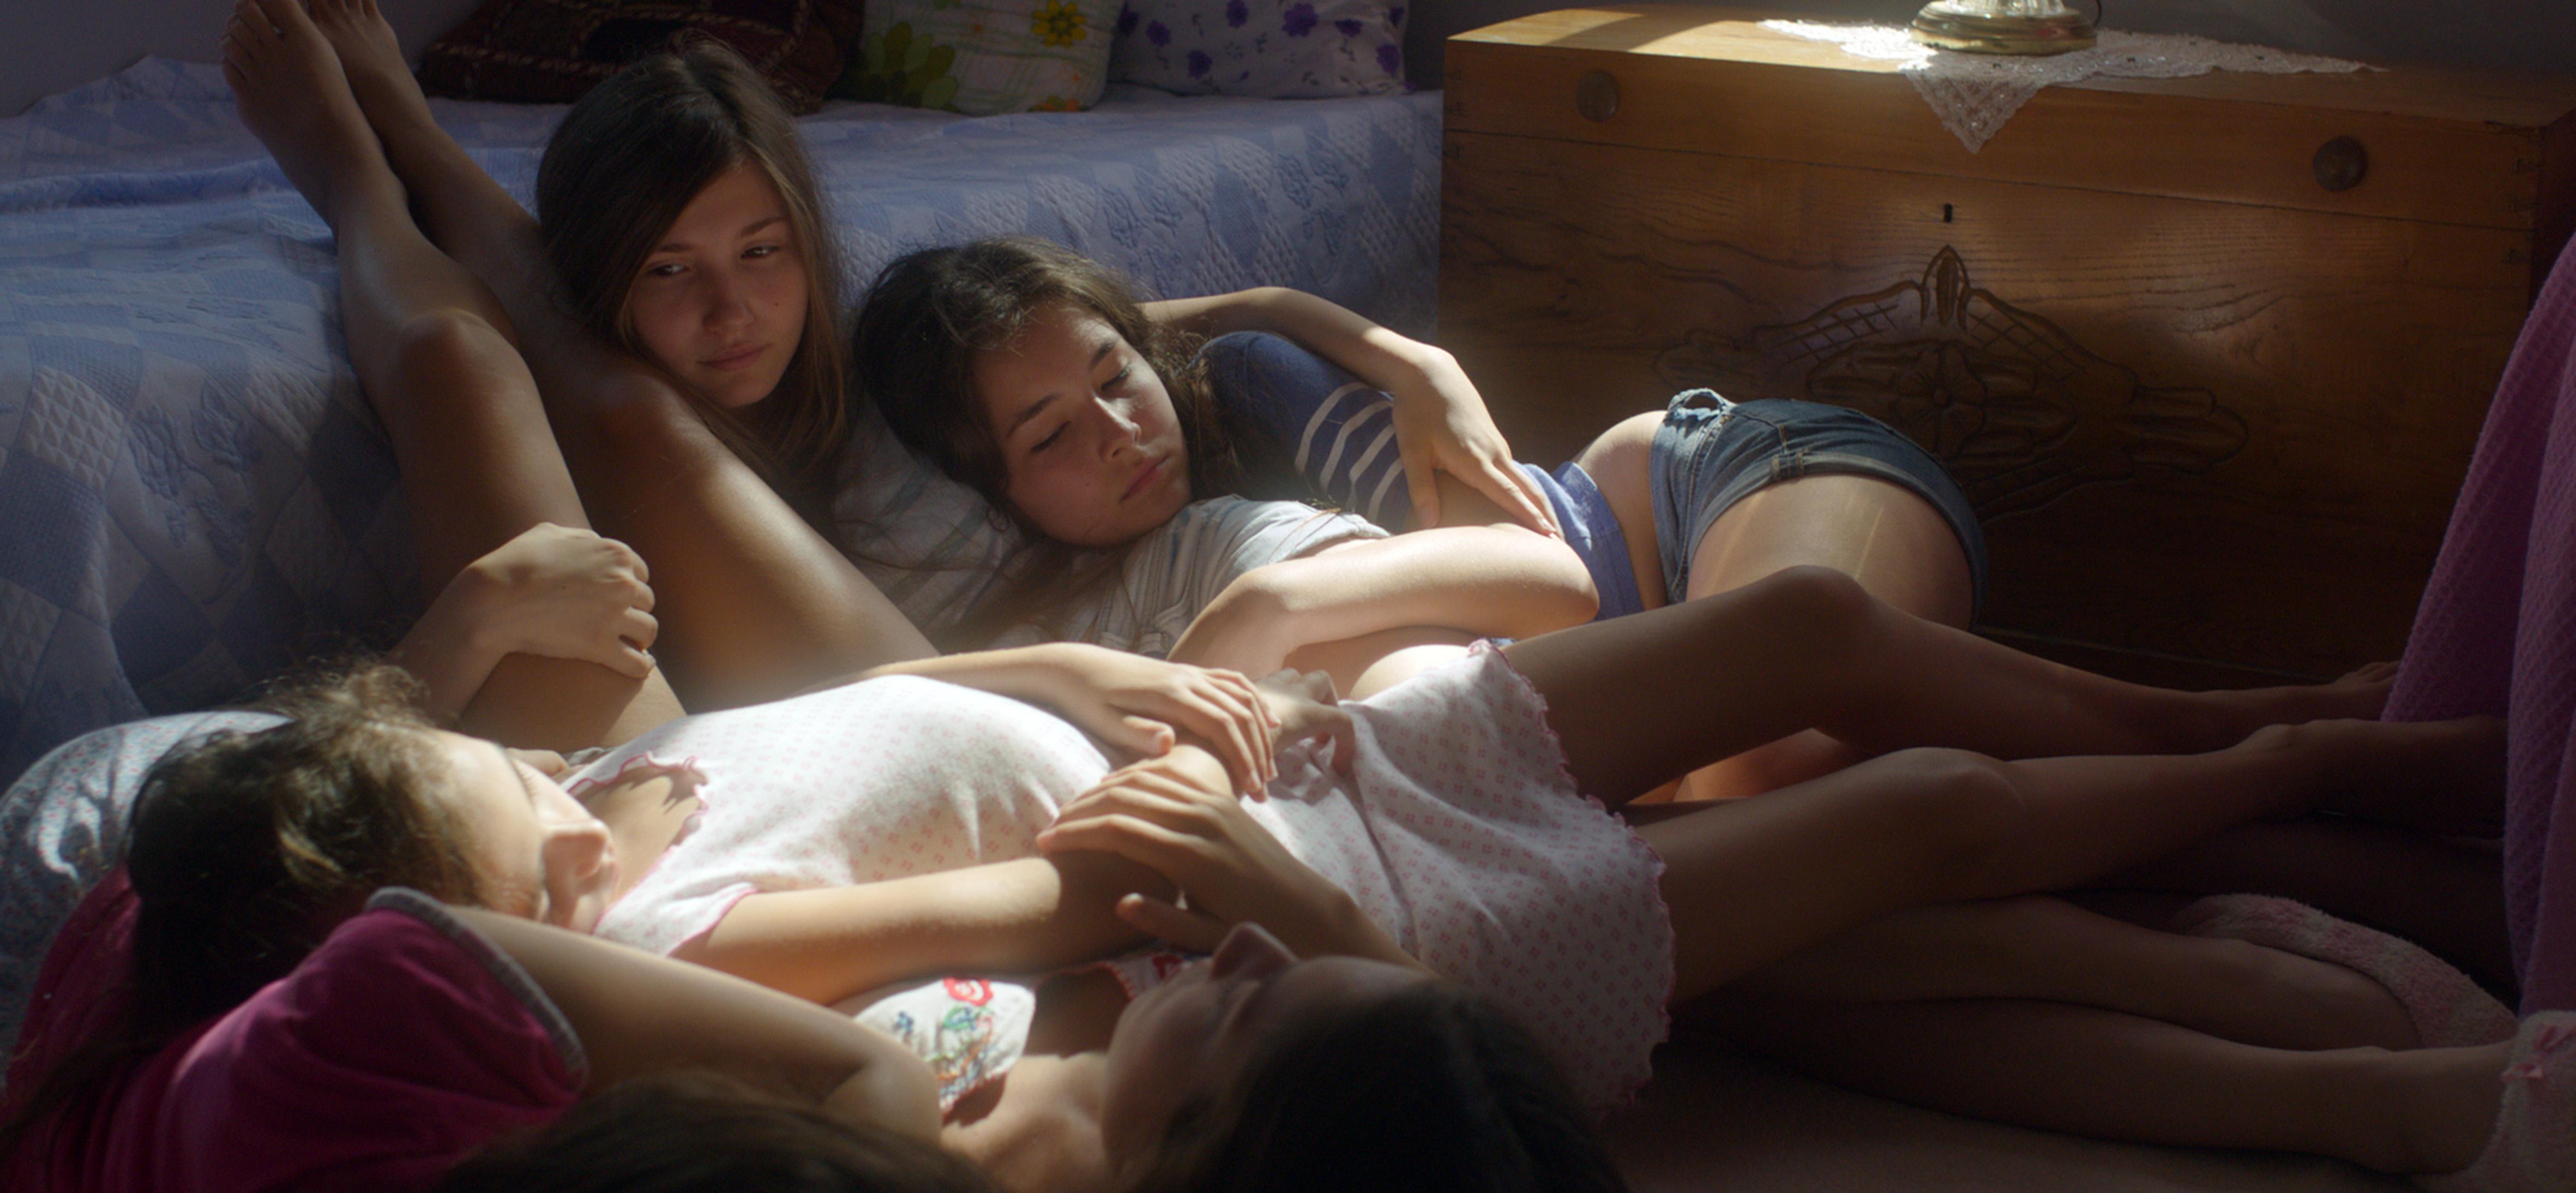 Смотреть эротический филь тюремные девочки 7 фотография